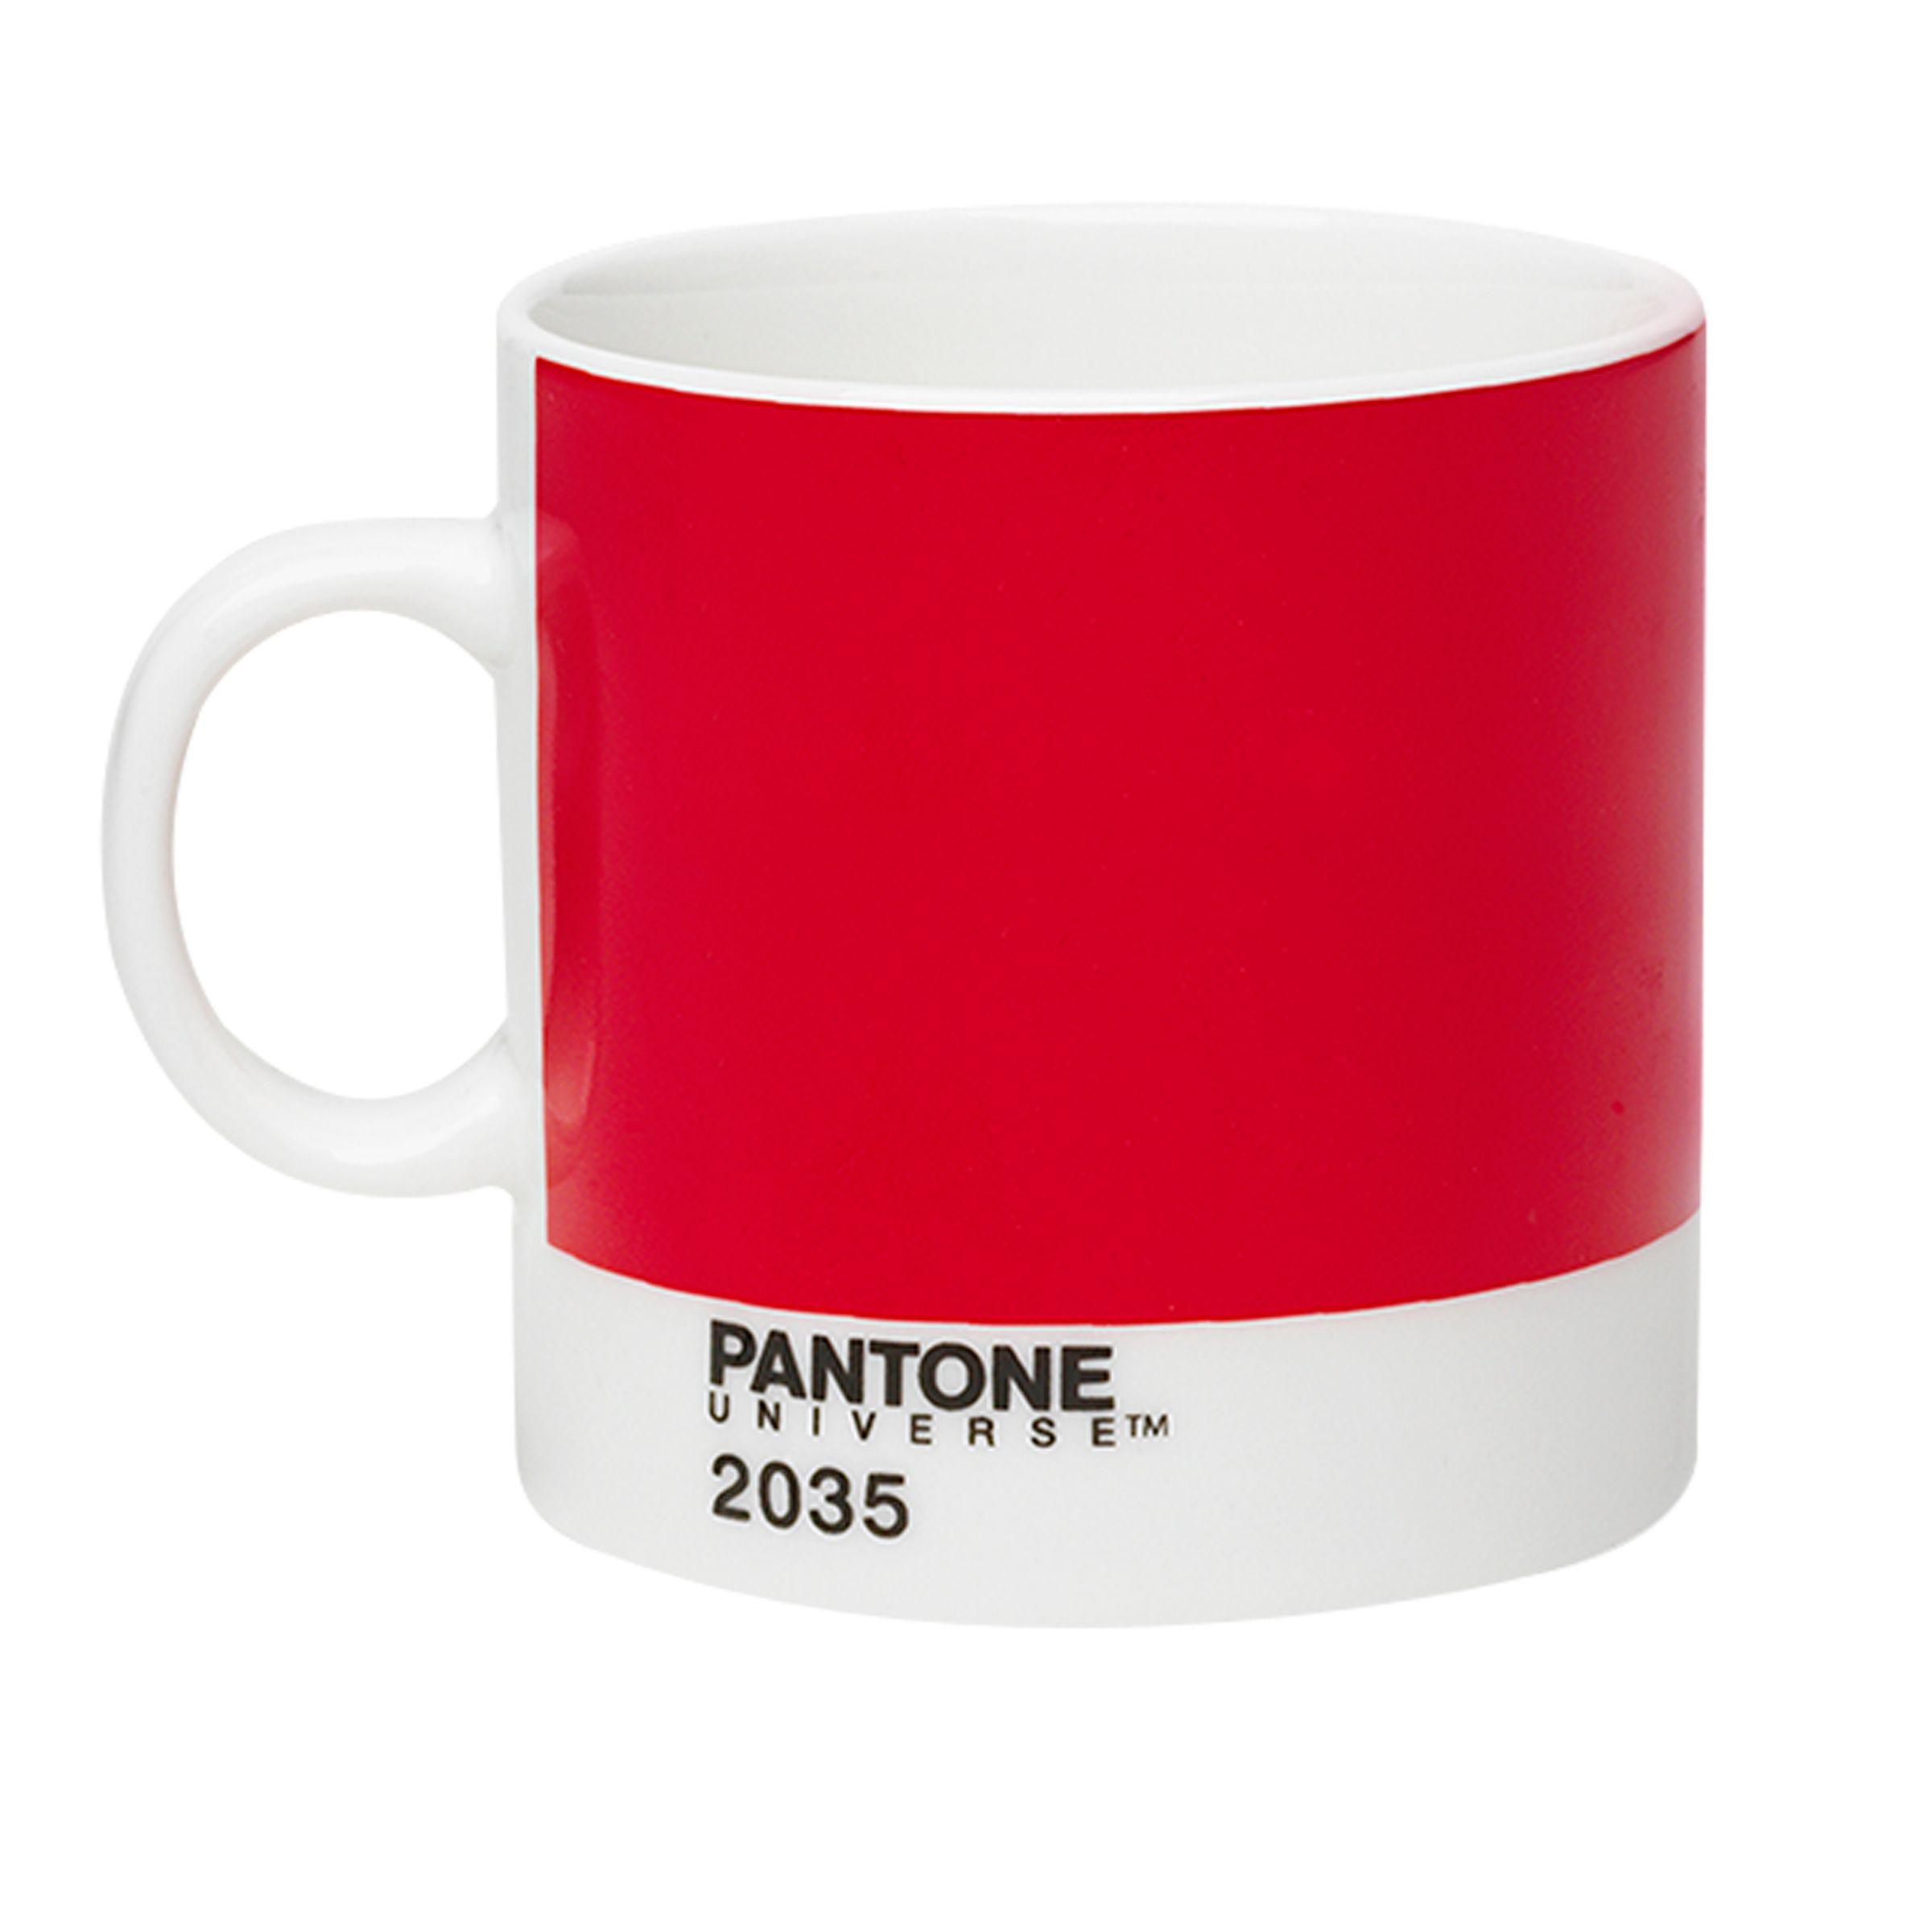 Pantone Pantone Espresso Cup